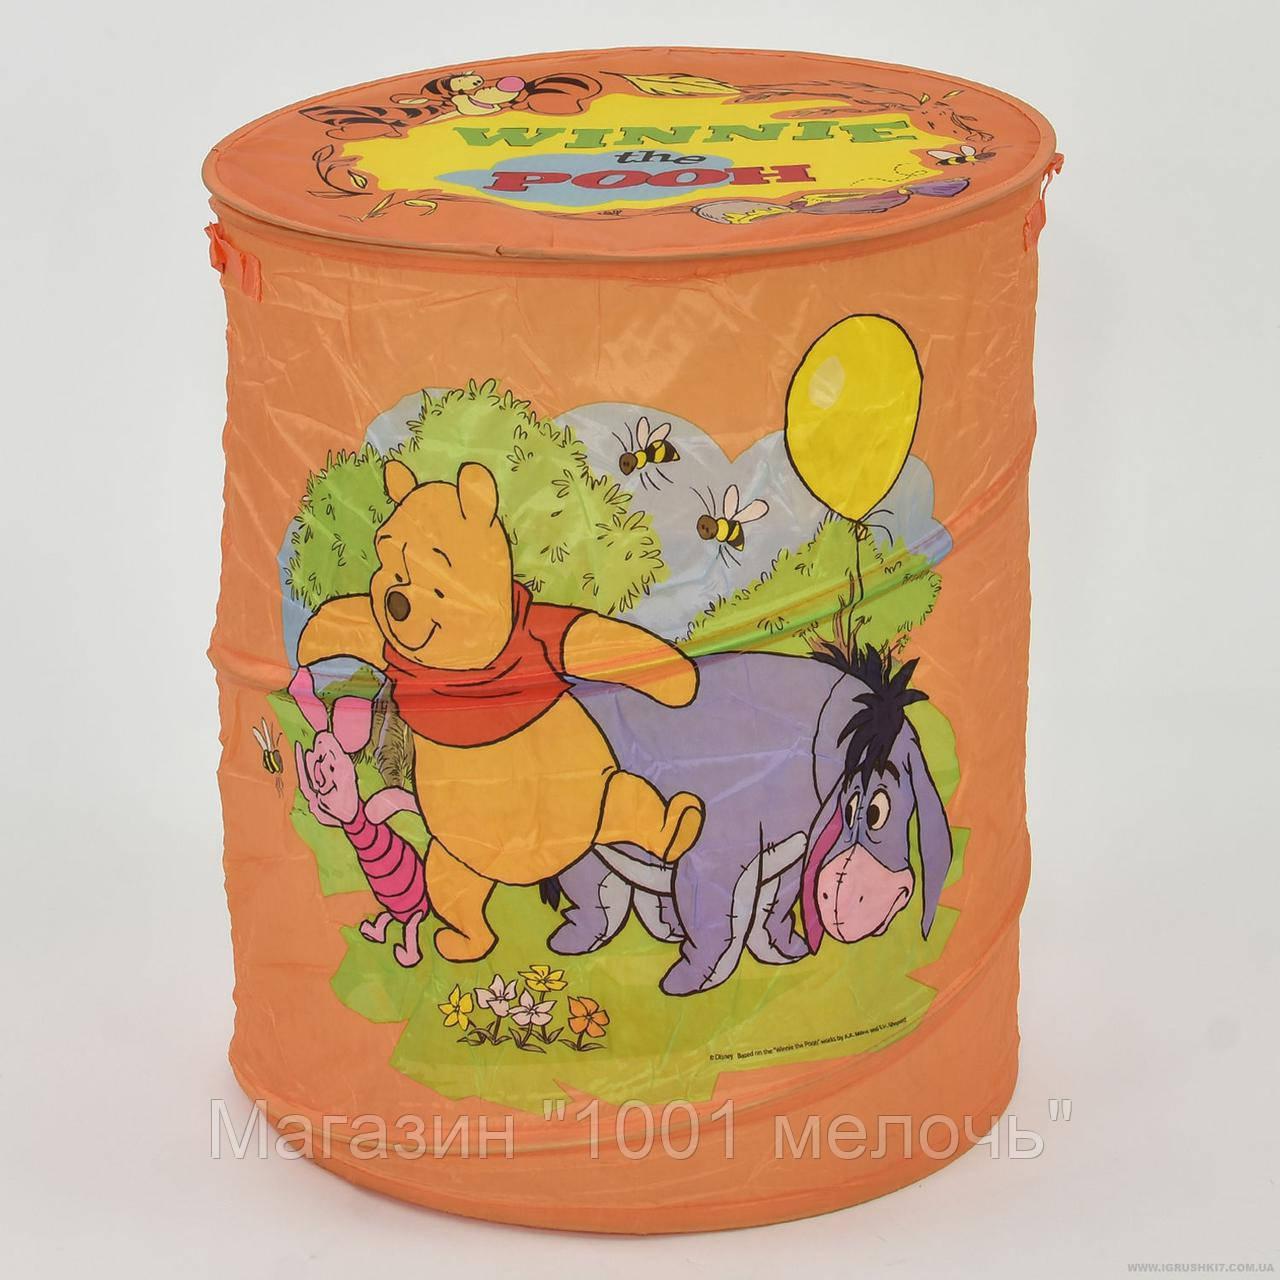 """Корзина для игрушек А 01065-1 (50) оранжева, в кульке - Магазин """"1001 мелочь"""" в Измаиле"""